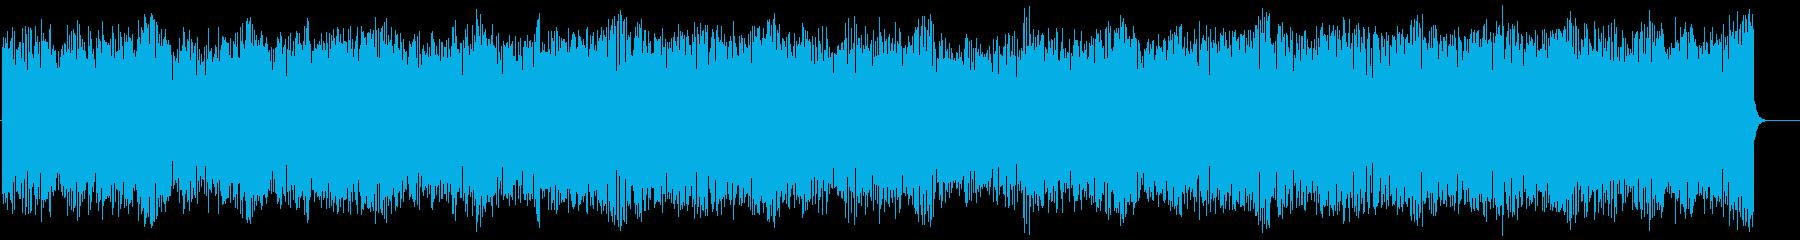 ラテン系フュージョン(フルサイズ)の再生済みの波形